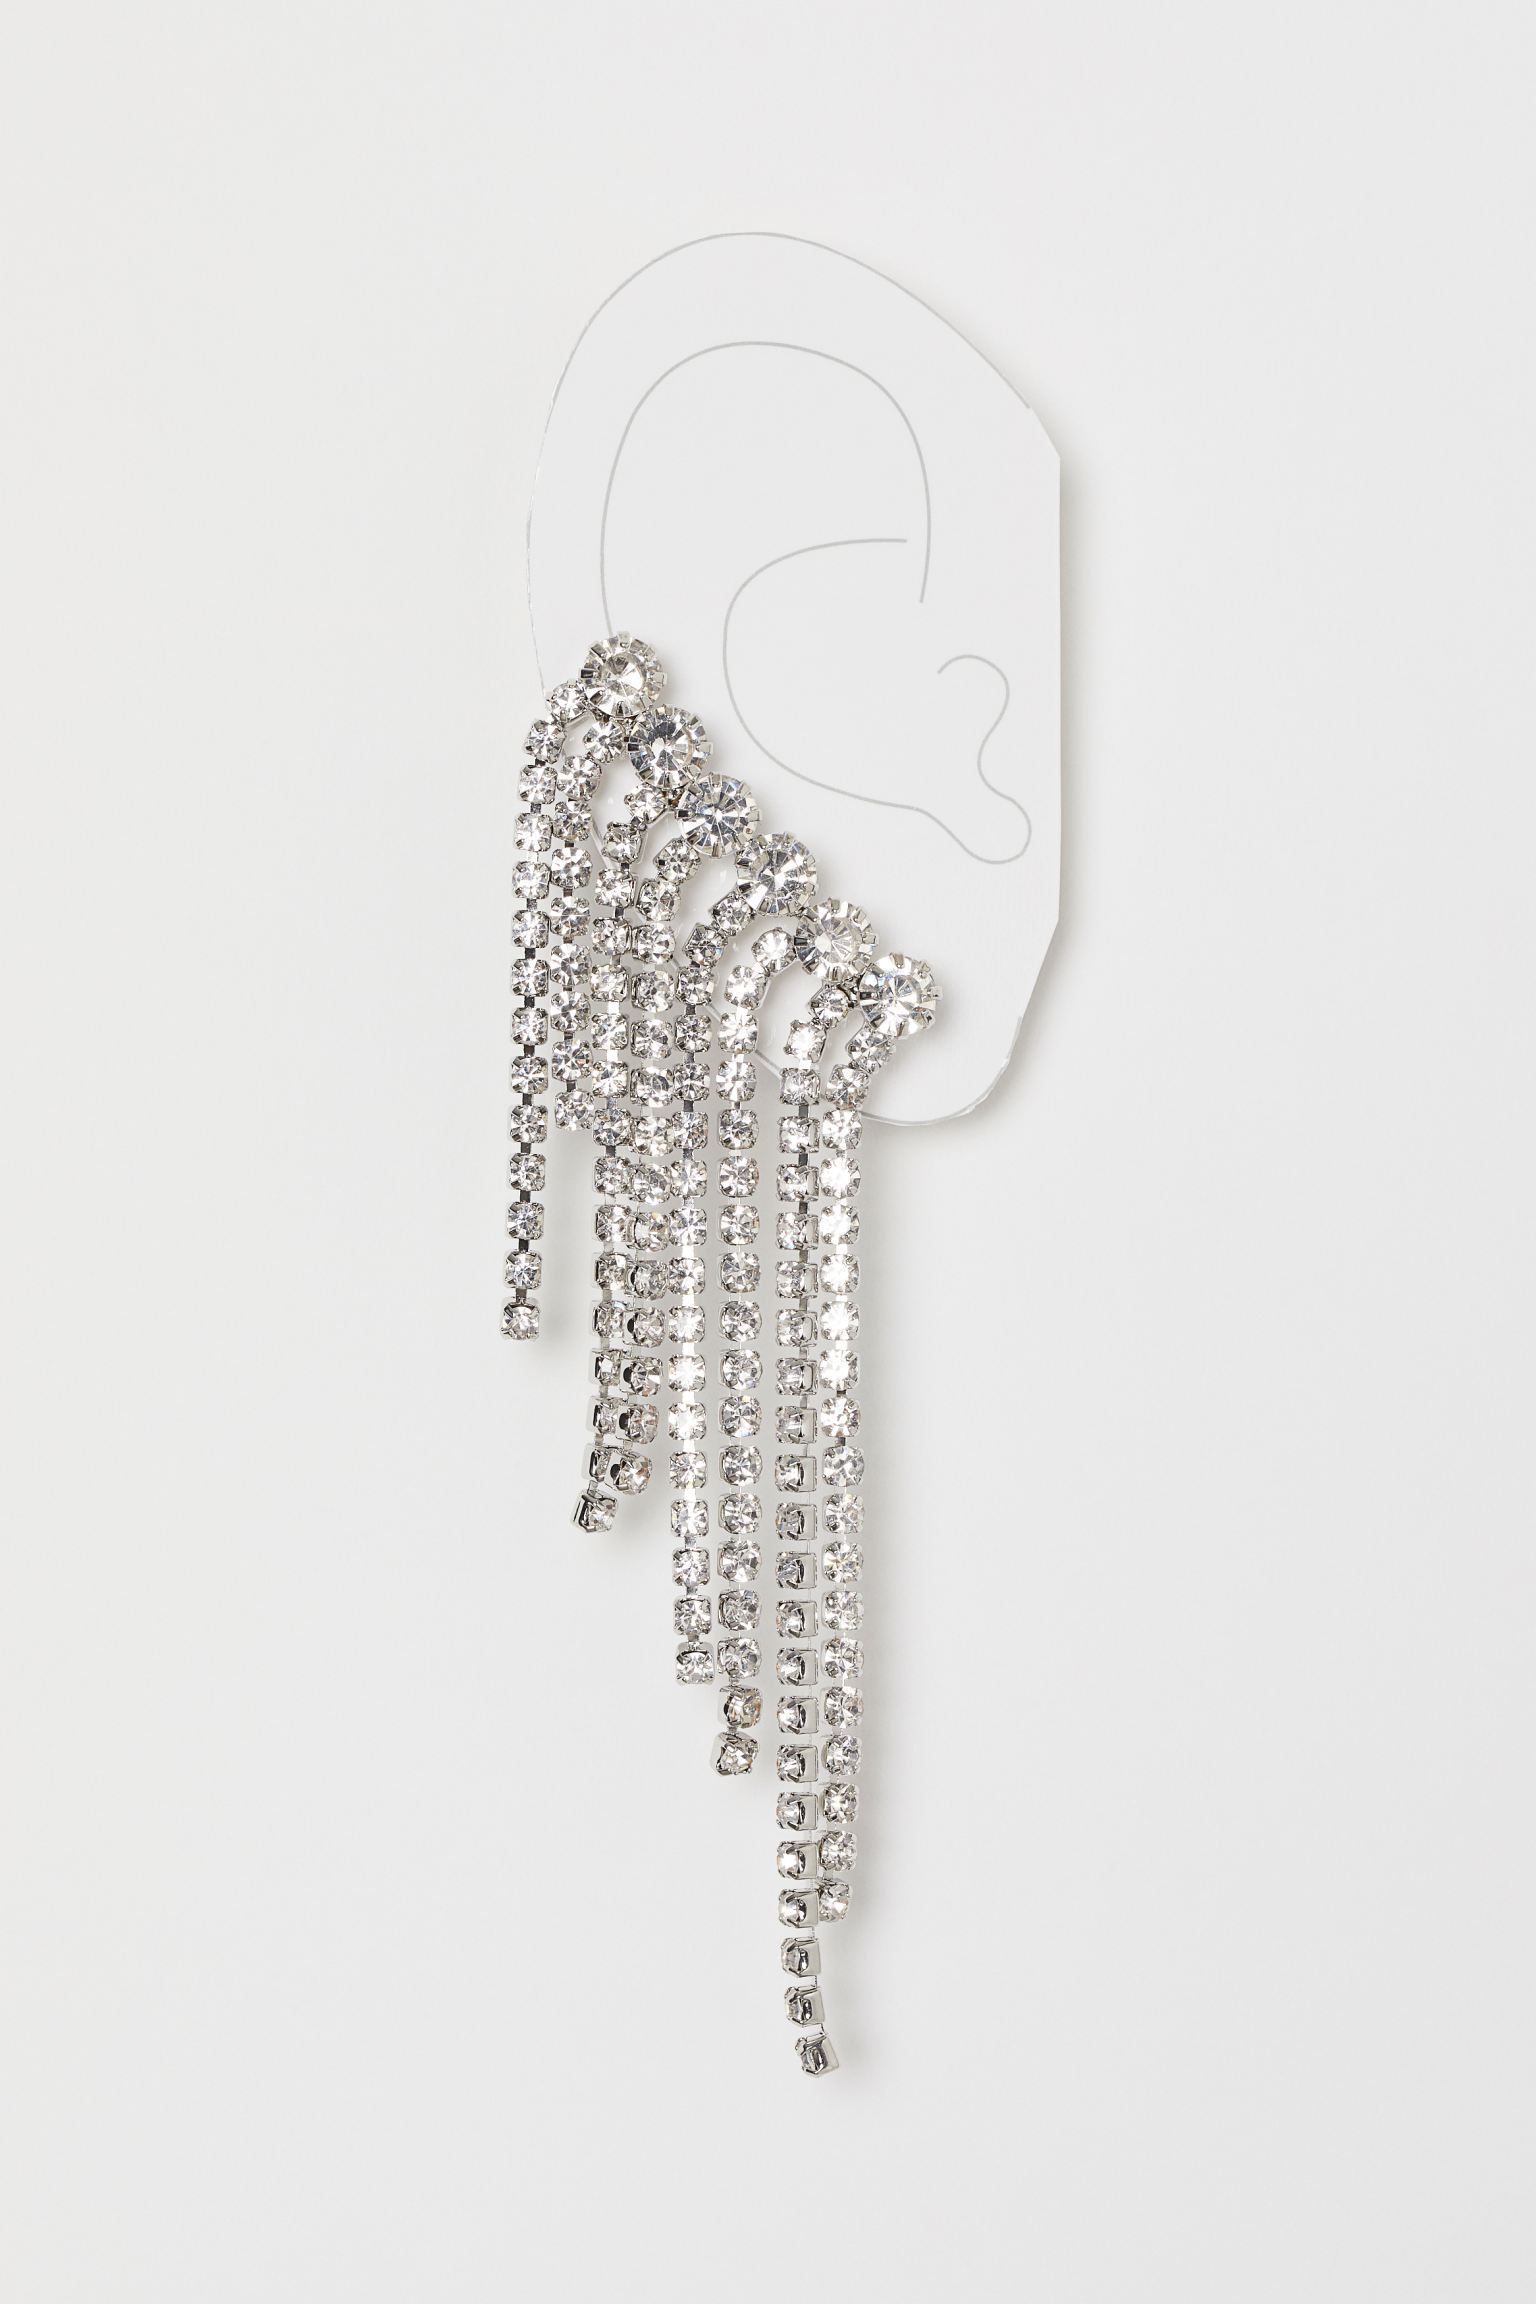 Adorno para oreja en metal con strass de vidrio. Ear cuff en la parte superior y perno abajo.